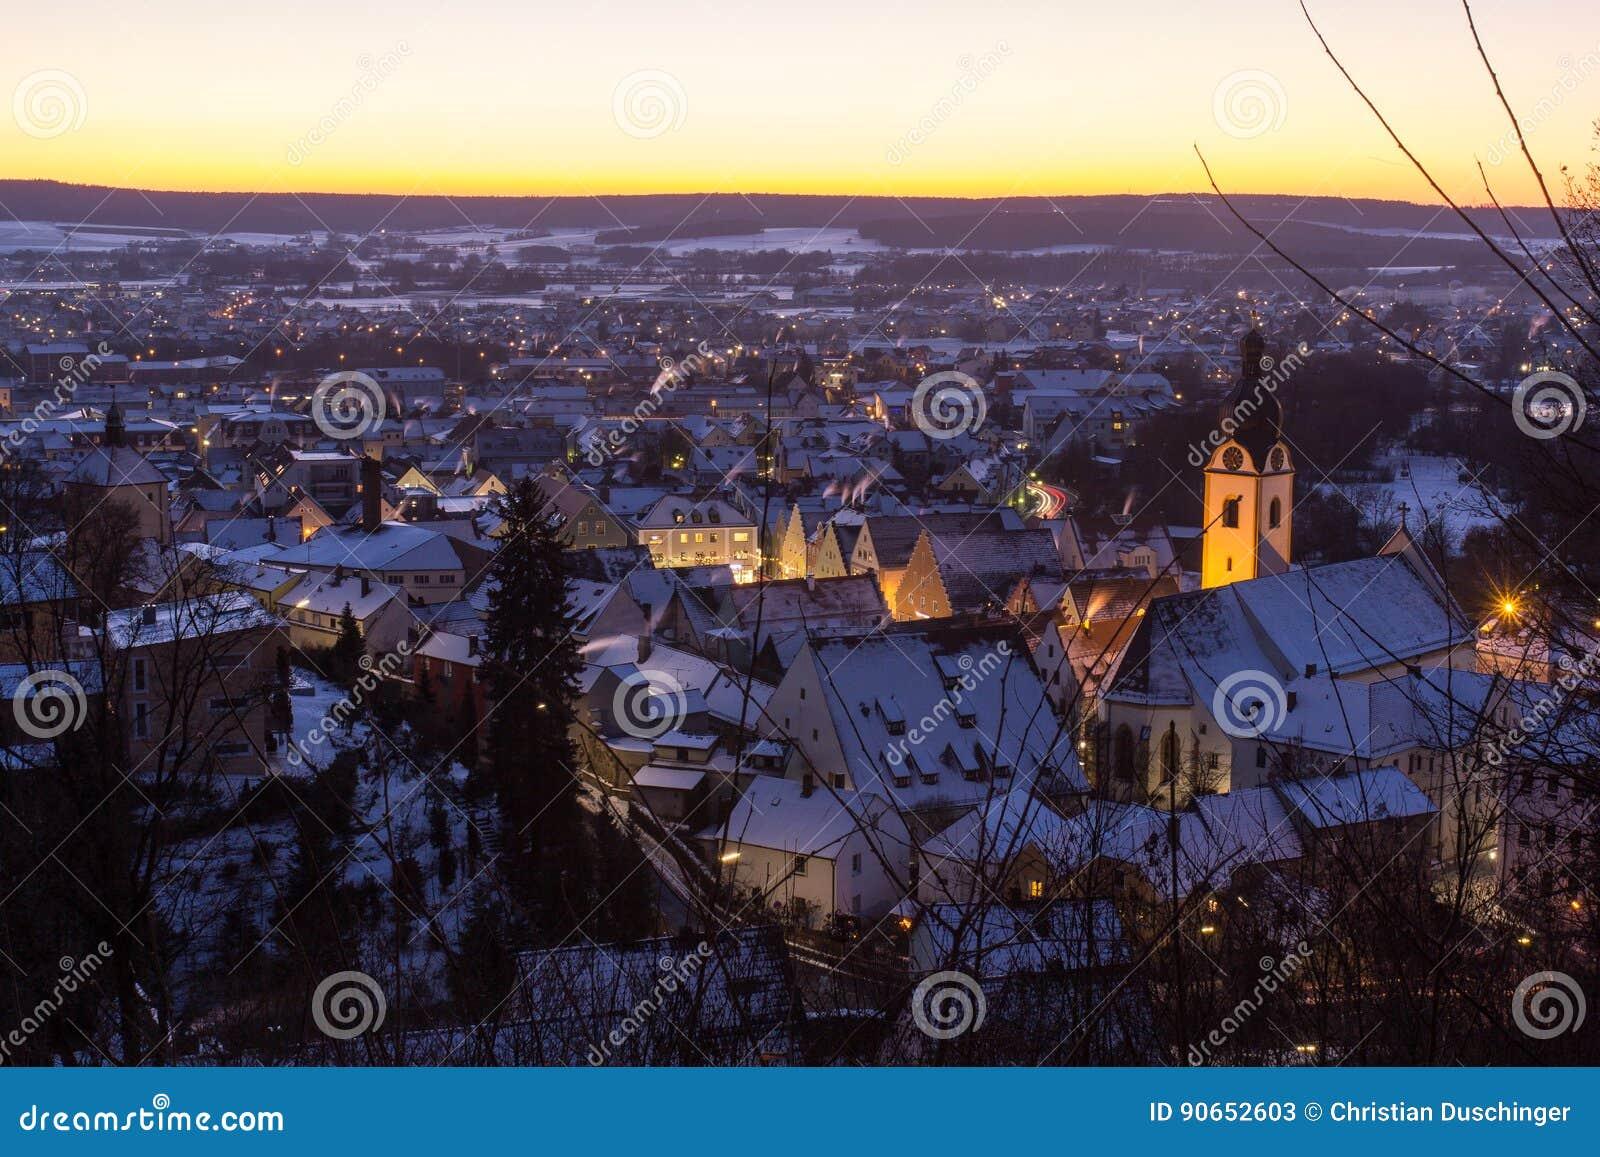 Schwandorf in winter